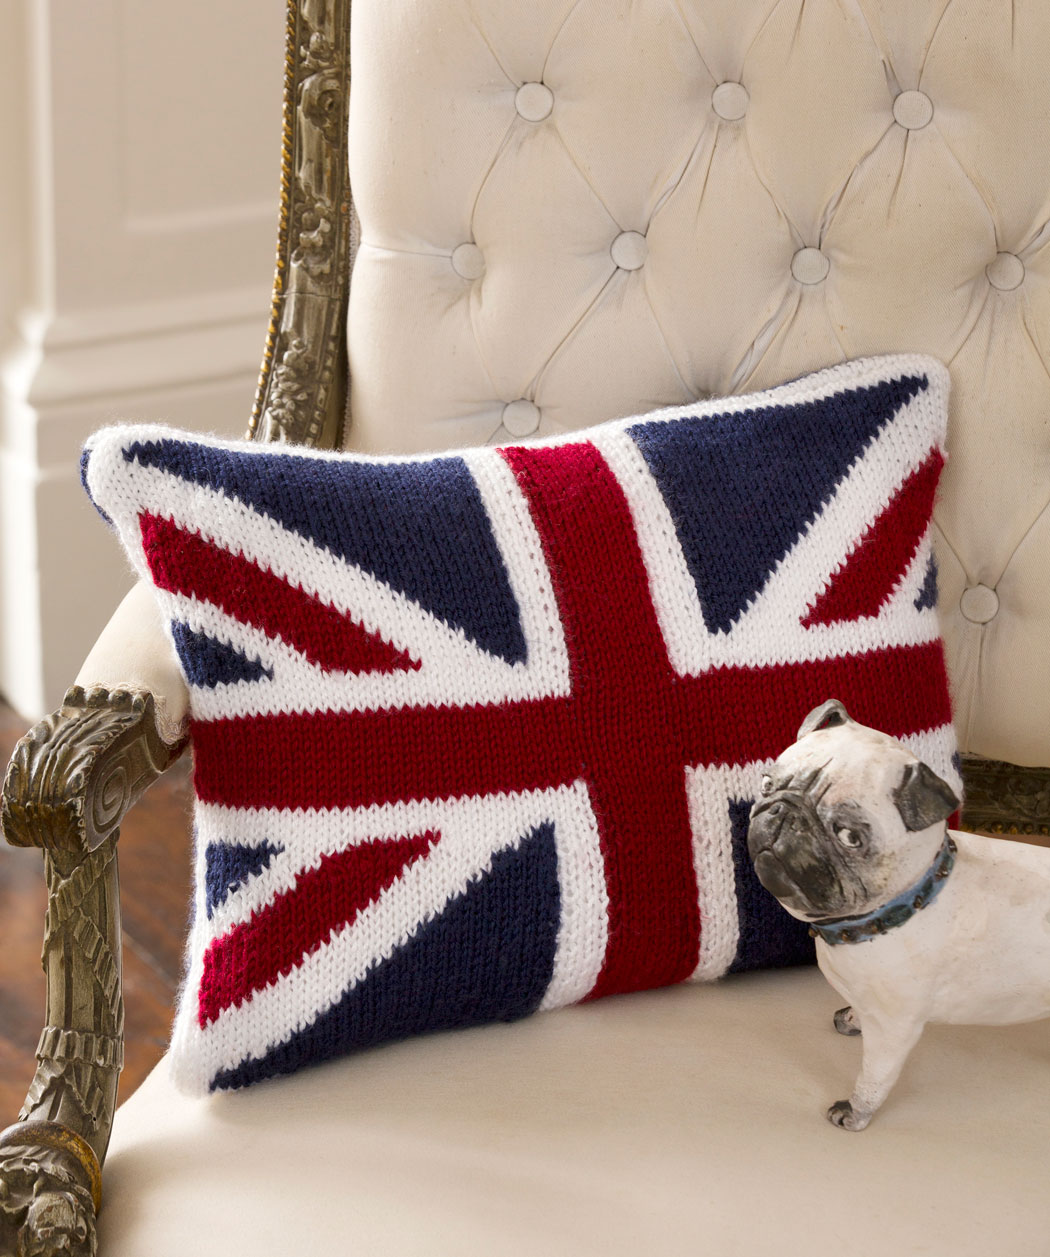 Union Jack Pillow Knitting Pattern